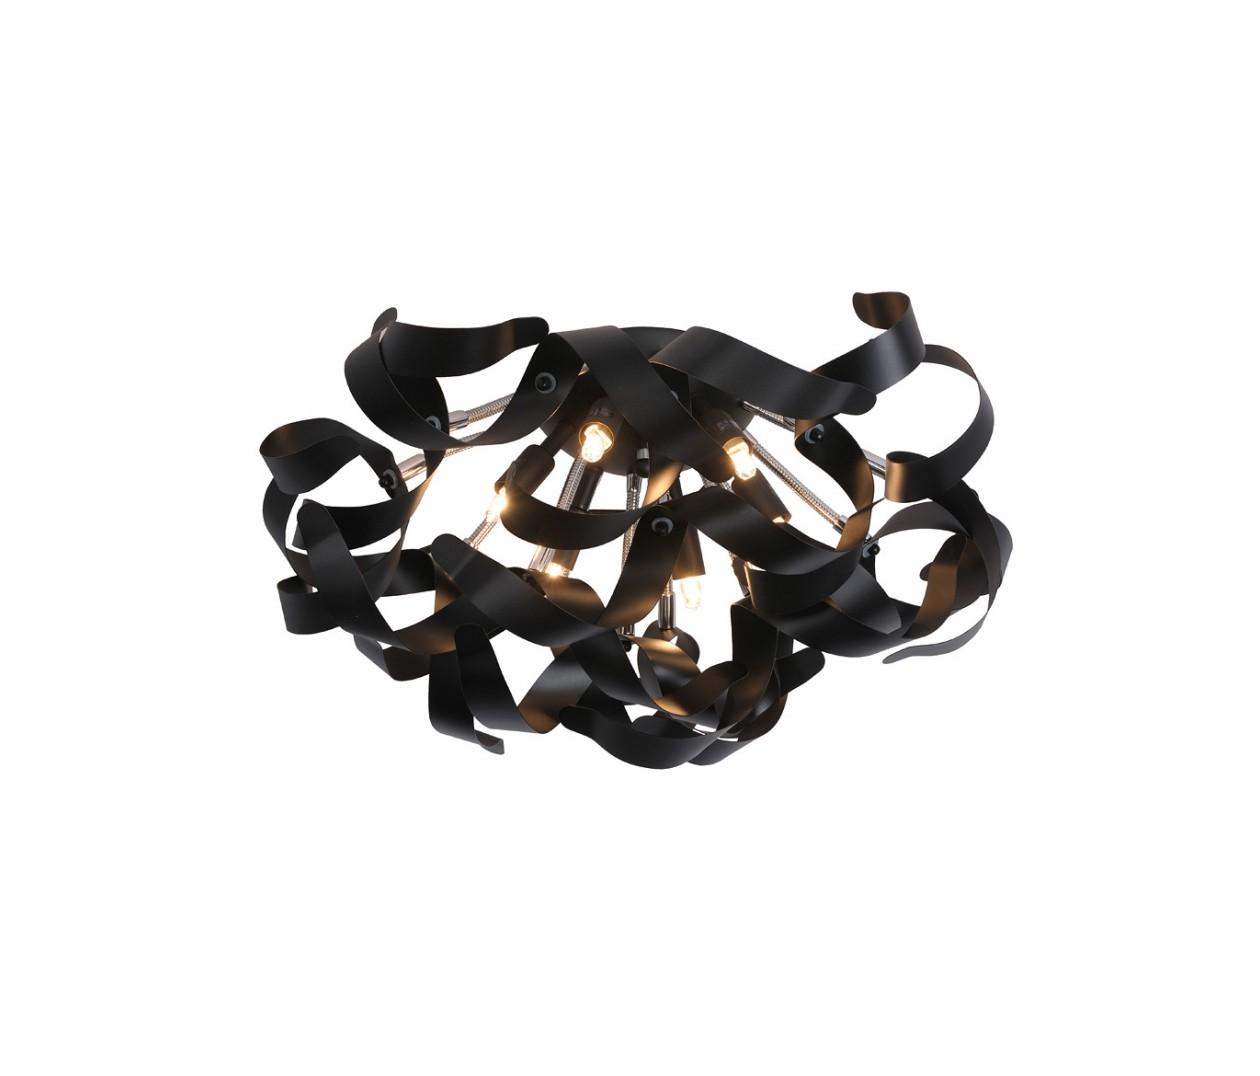 Потолочный светильник ATOMAПотолочные светильники<br>основание: металл<br>плафон: металл/черный<br>диаметр: 50 см<br>высота: 35 см<br>G9, 33W, 6 лампочек (в комплекте)<br><br>Material: Металл<br>Высота см: 35